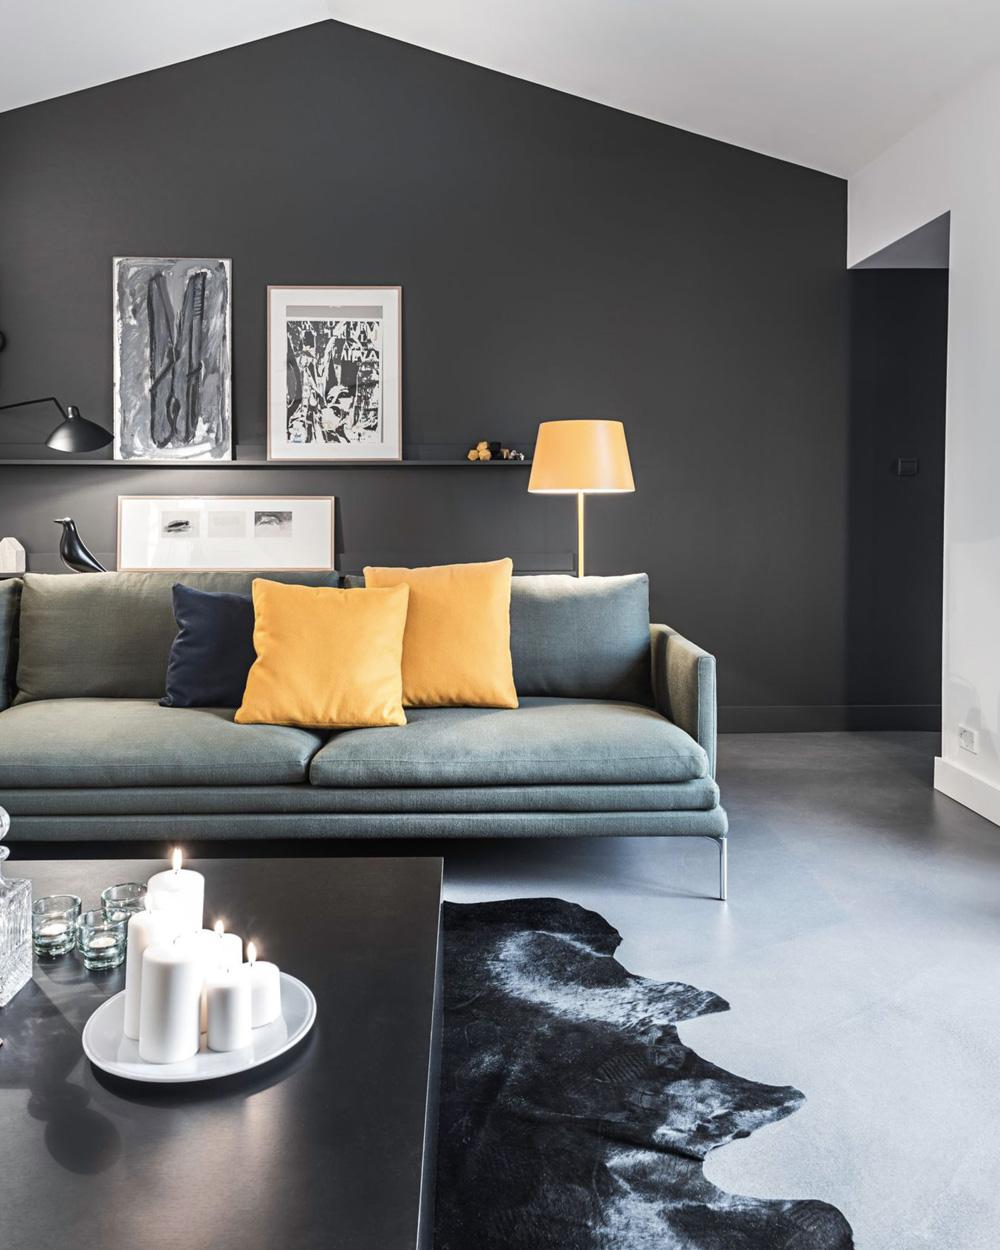 salon gris et jaune moutarde amazing peinture murale jaune peinture murale salon gris peinture. Black Bedroom Furniture Sets. Home Design Ideas